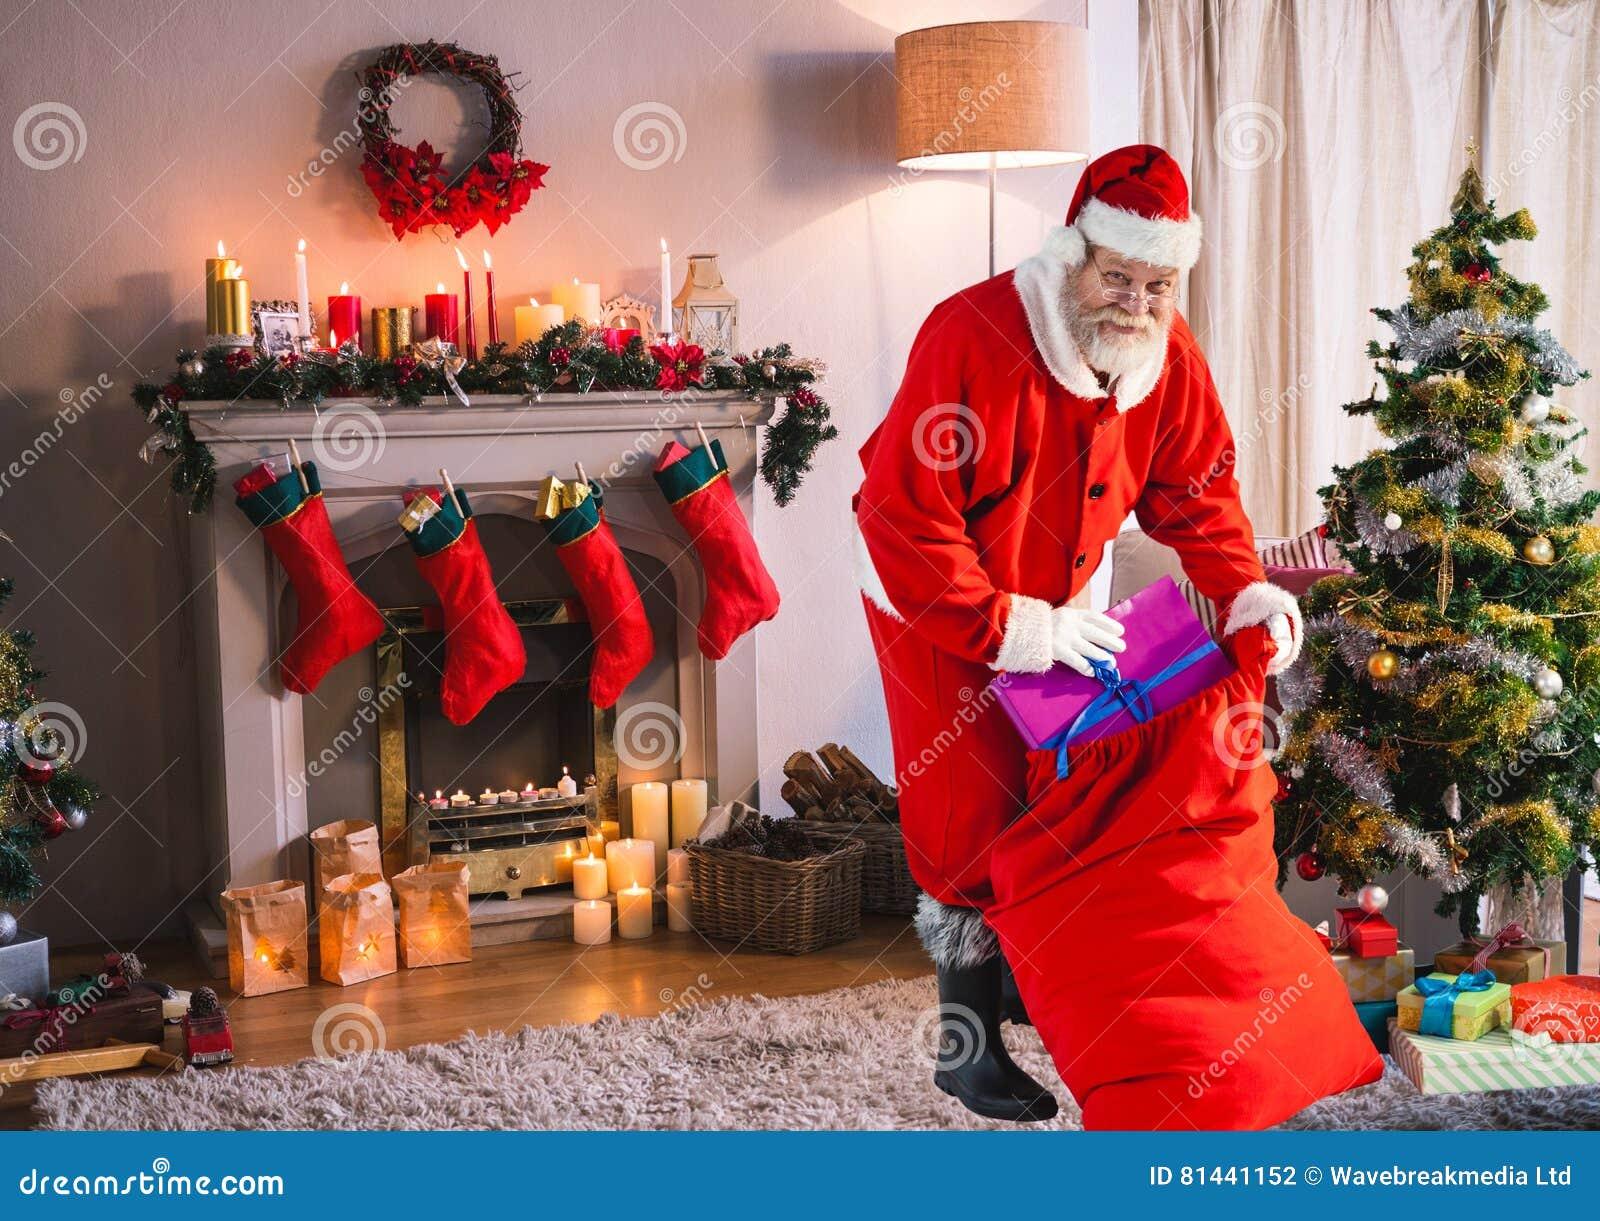 Weihnachtsgeschenke Sack.Sankt Die Weihnachtsgeschenke In Sack Im Wohnzimmer Einsetzt